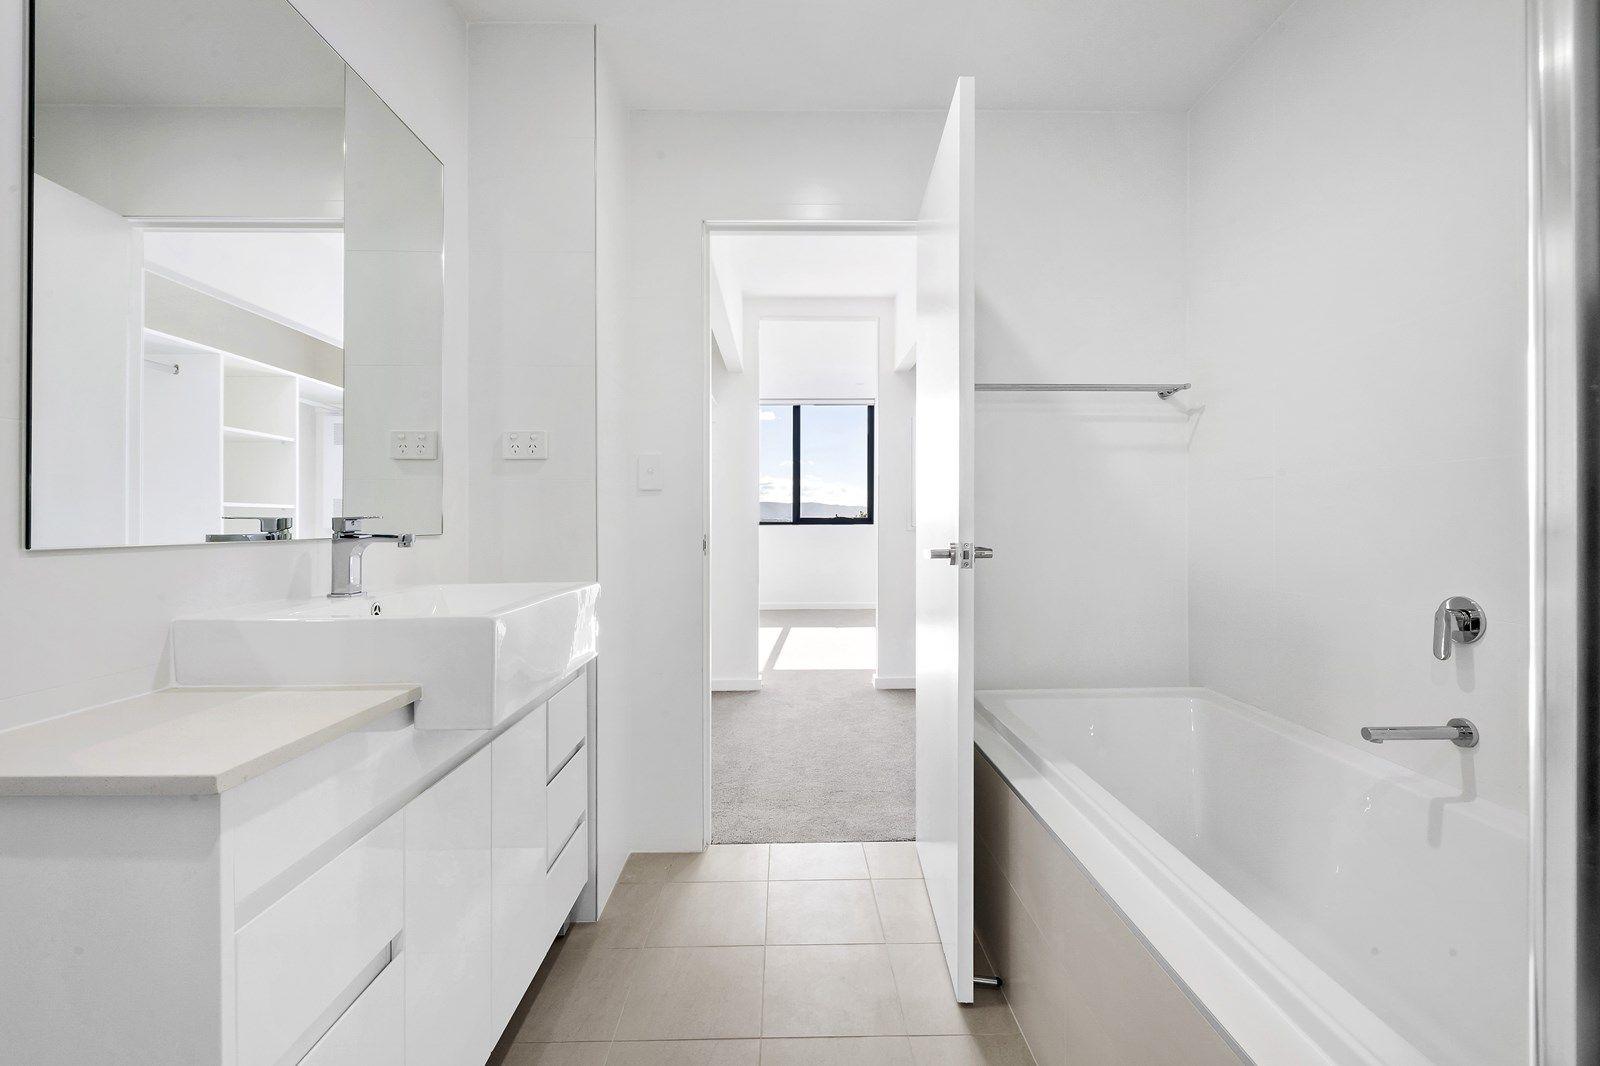 16/3-5 Wiseman Avenue, Wollongong NSW 2500, Image 2